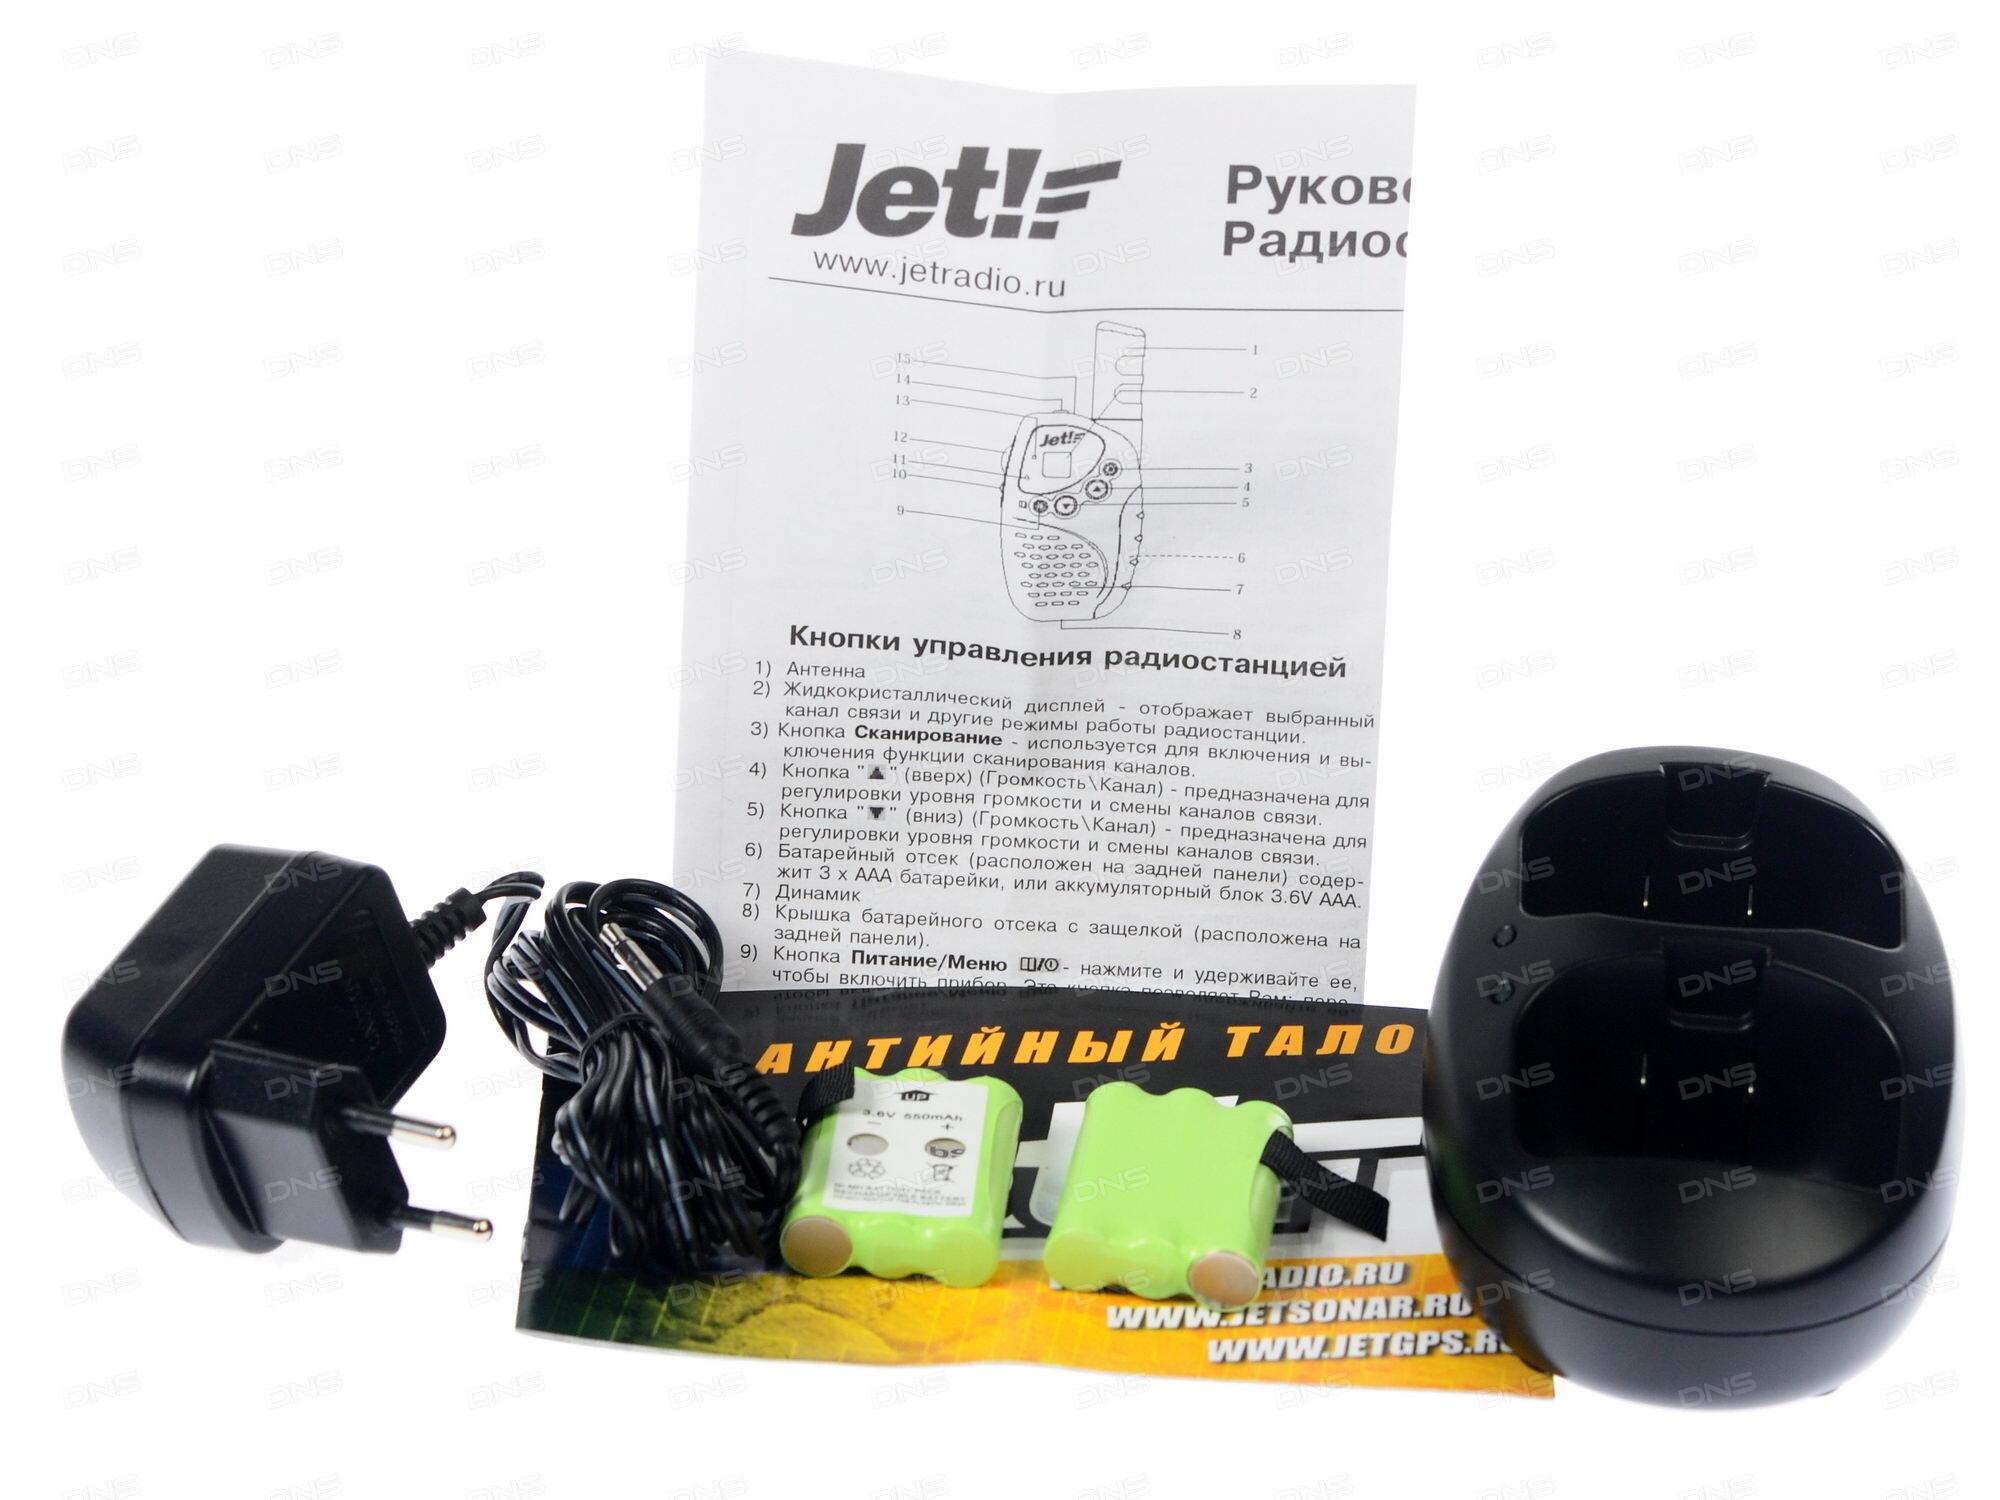 Портативные рации (радиостанции) Jet! Комплект раций.